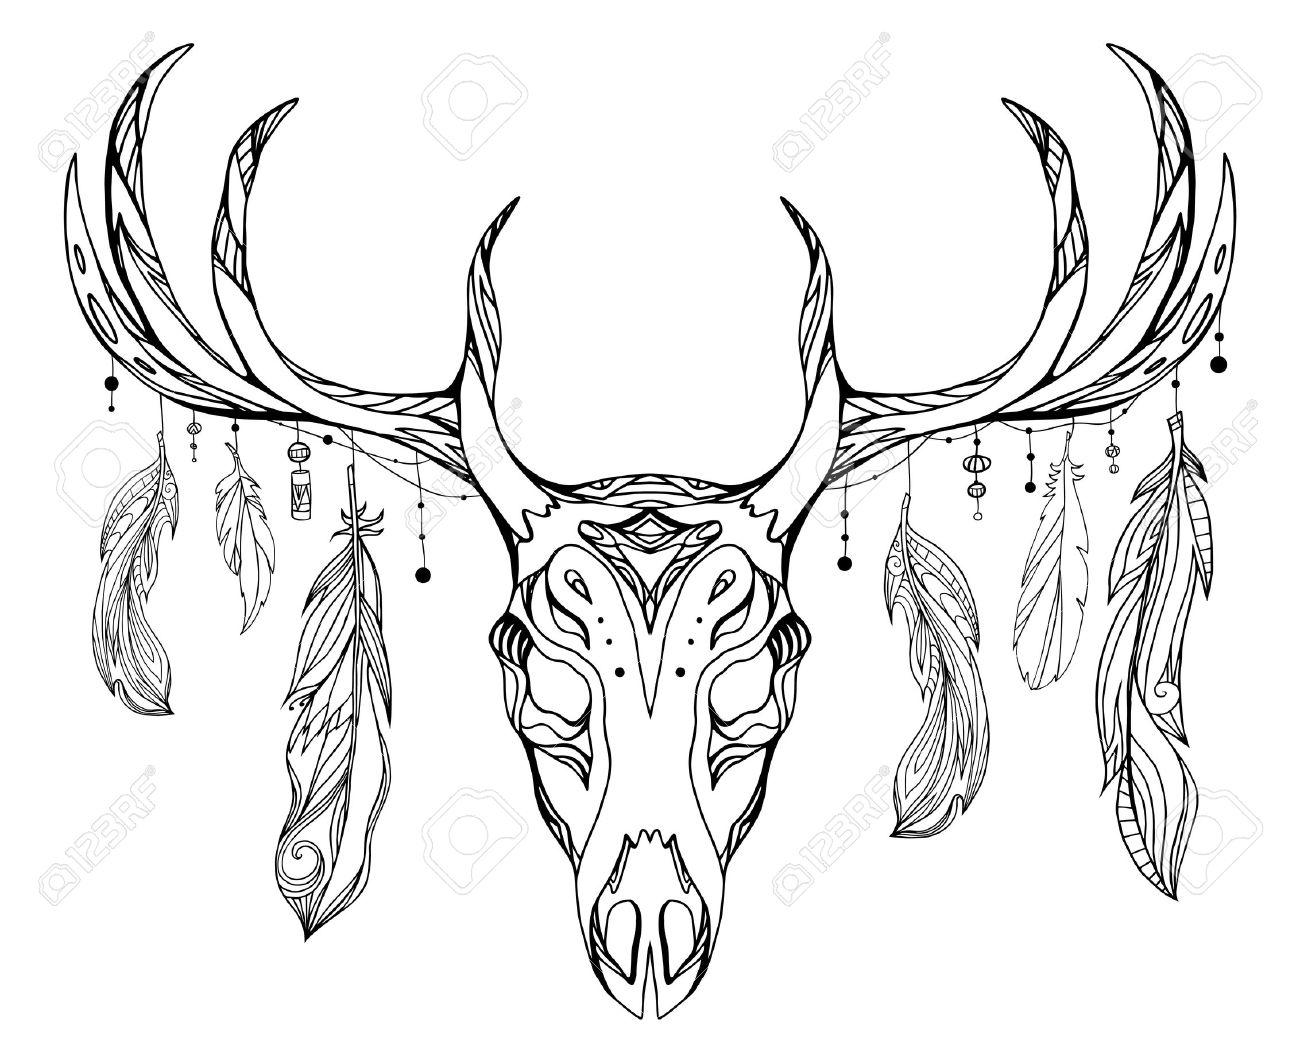 Ilustración De Contorno De Un Cráneo De Venado Con Cuernos Y Plumas ...